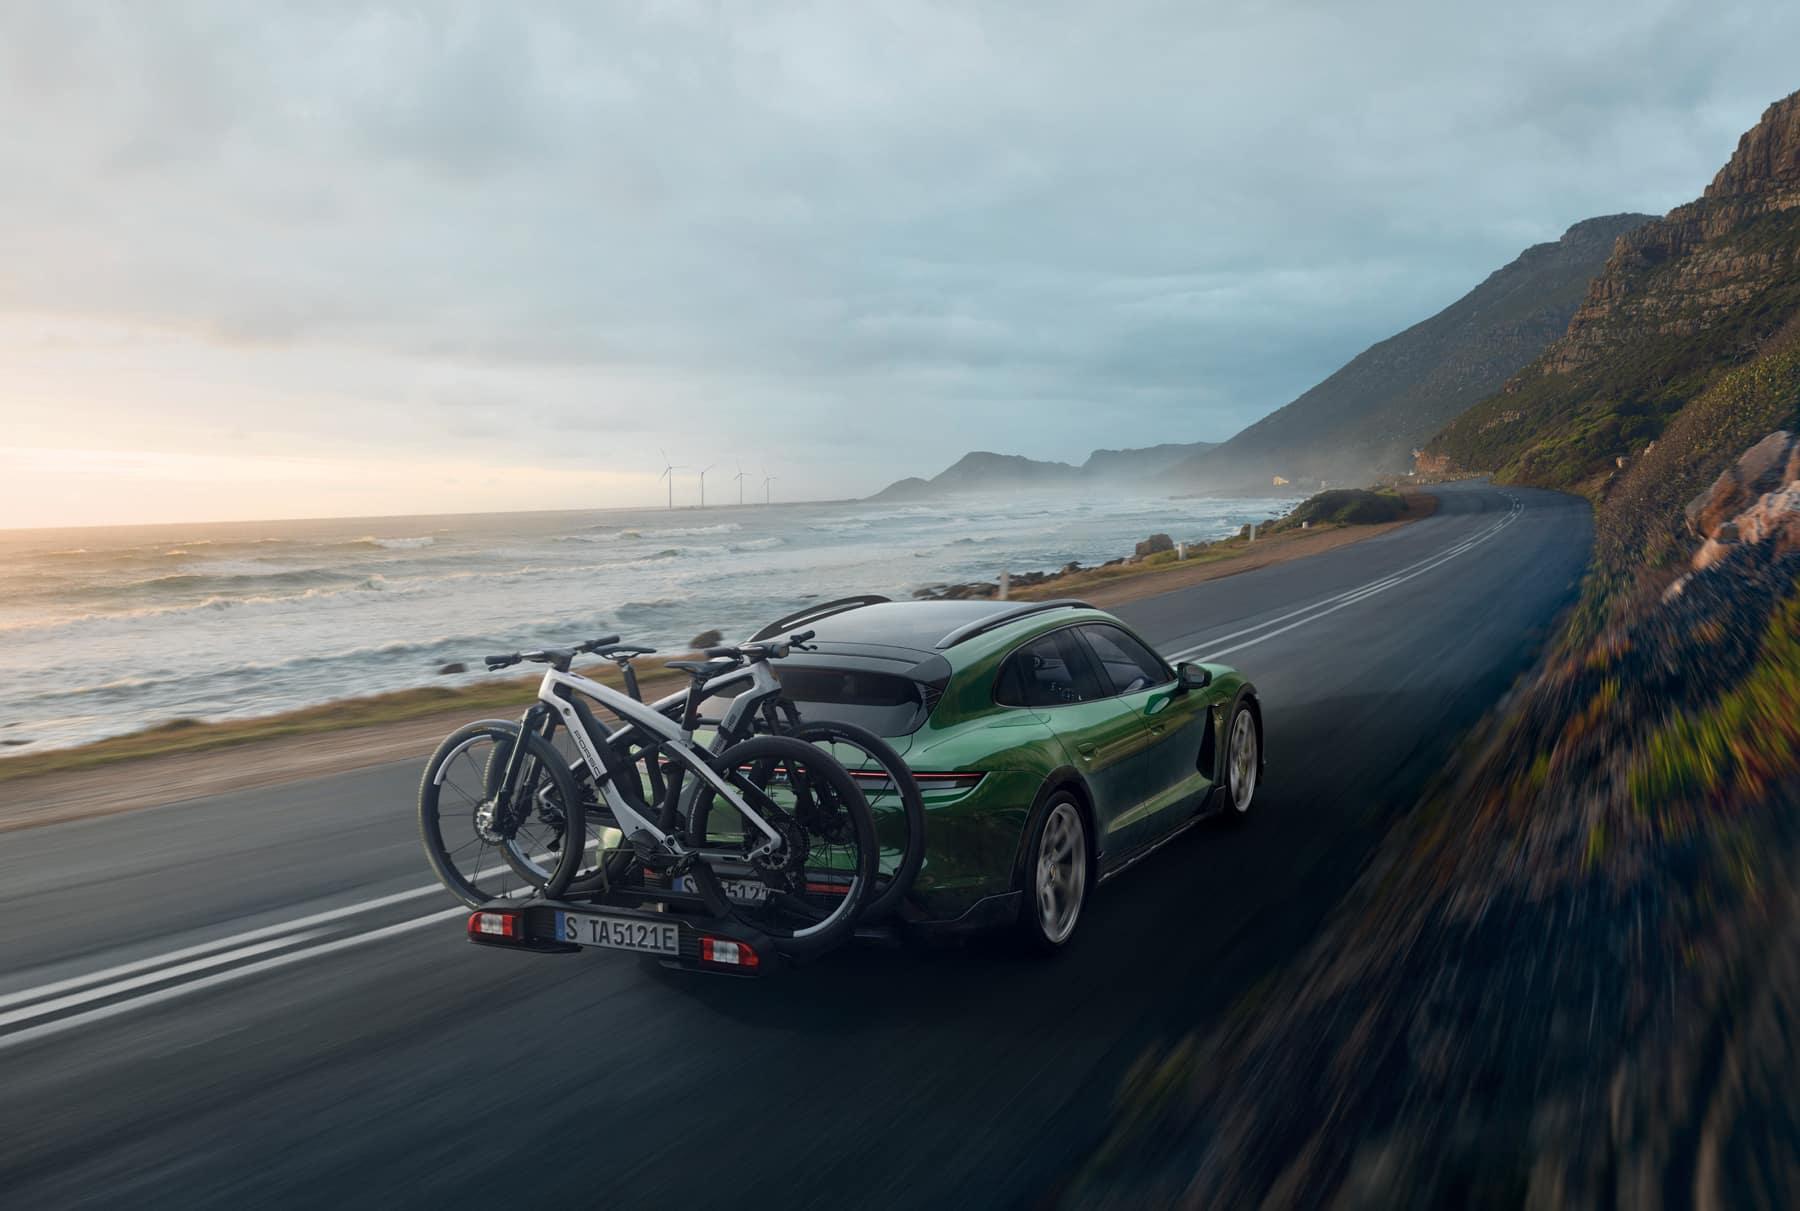 Porsche eBike Cross